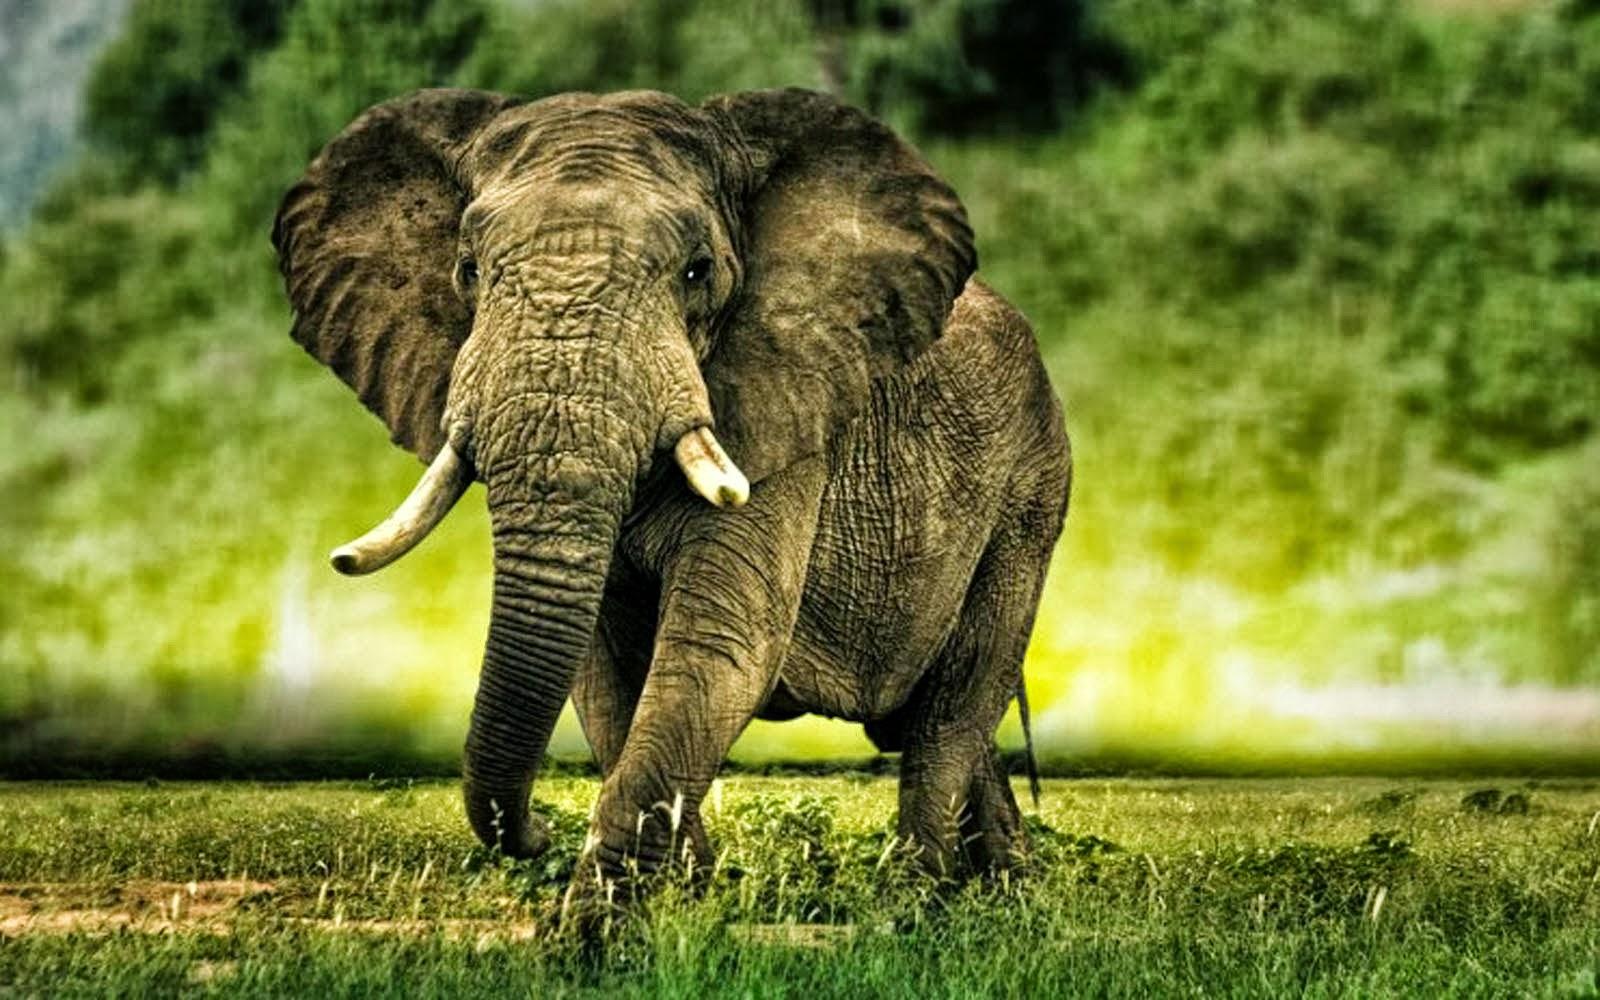 Cute Halloween Ghost Wallpaper African Elephants Hd Wallpapers Free Hd Wallpapers